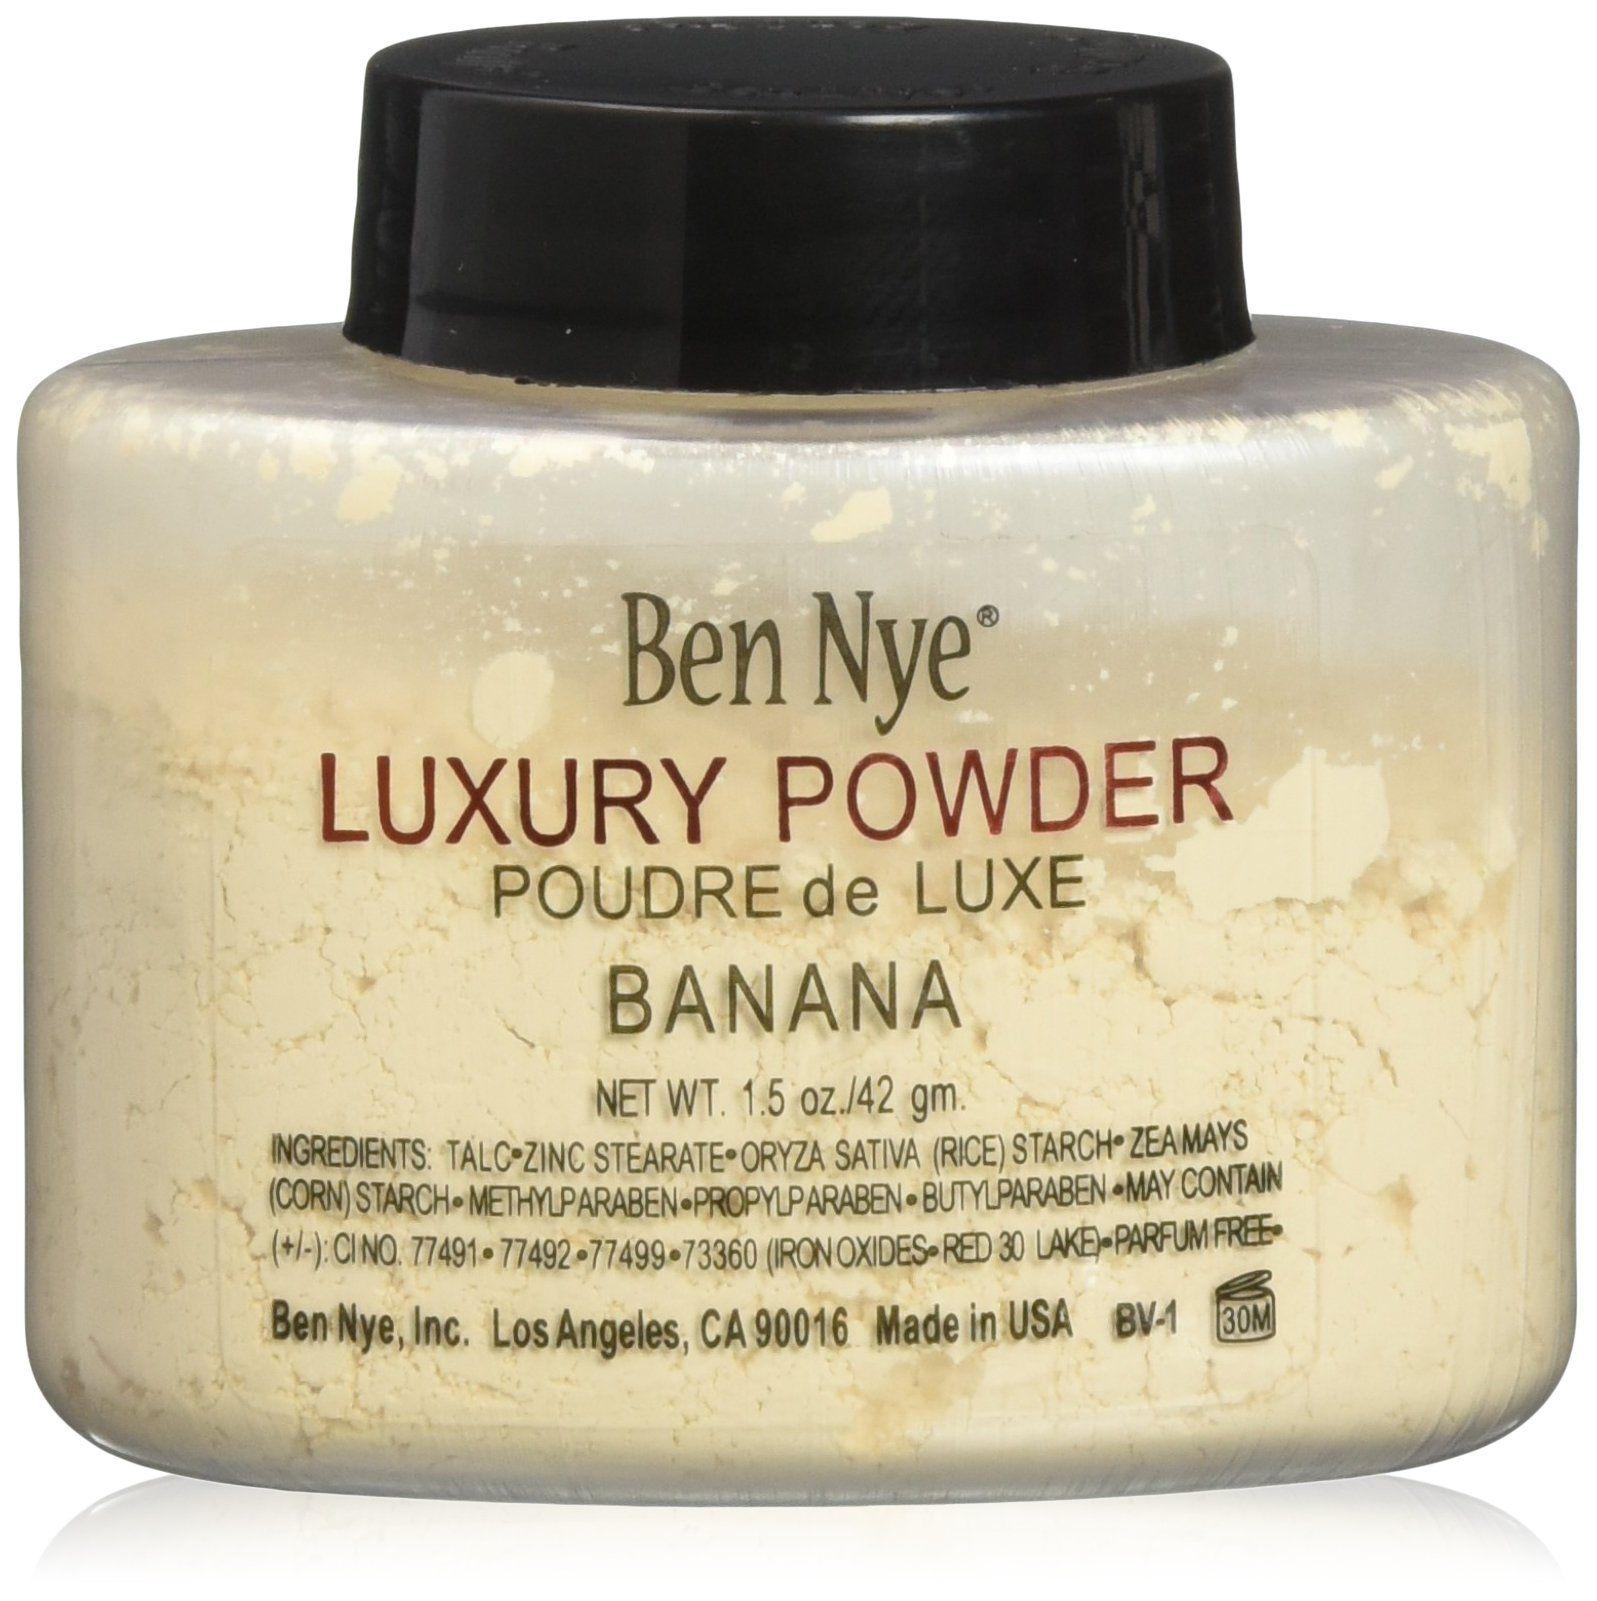 Ben Nye Luxury Powder Face Makeup Banana 1.5 oz. * Find